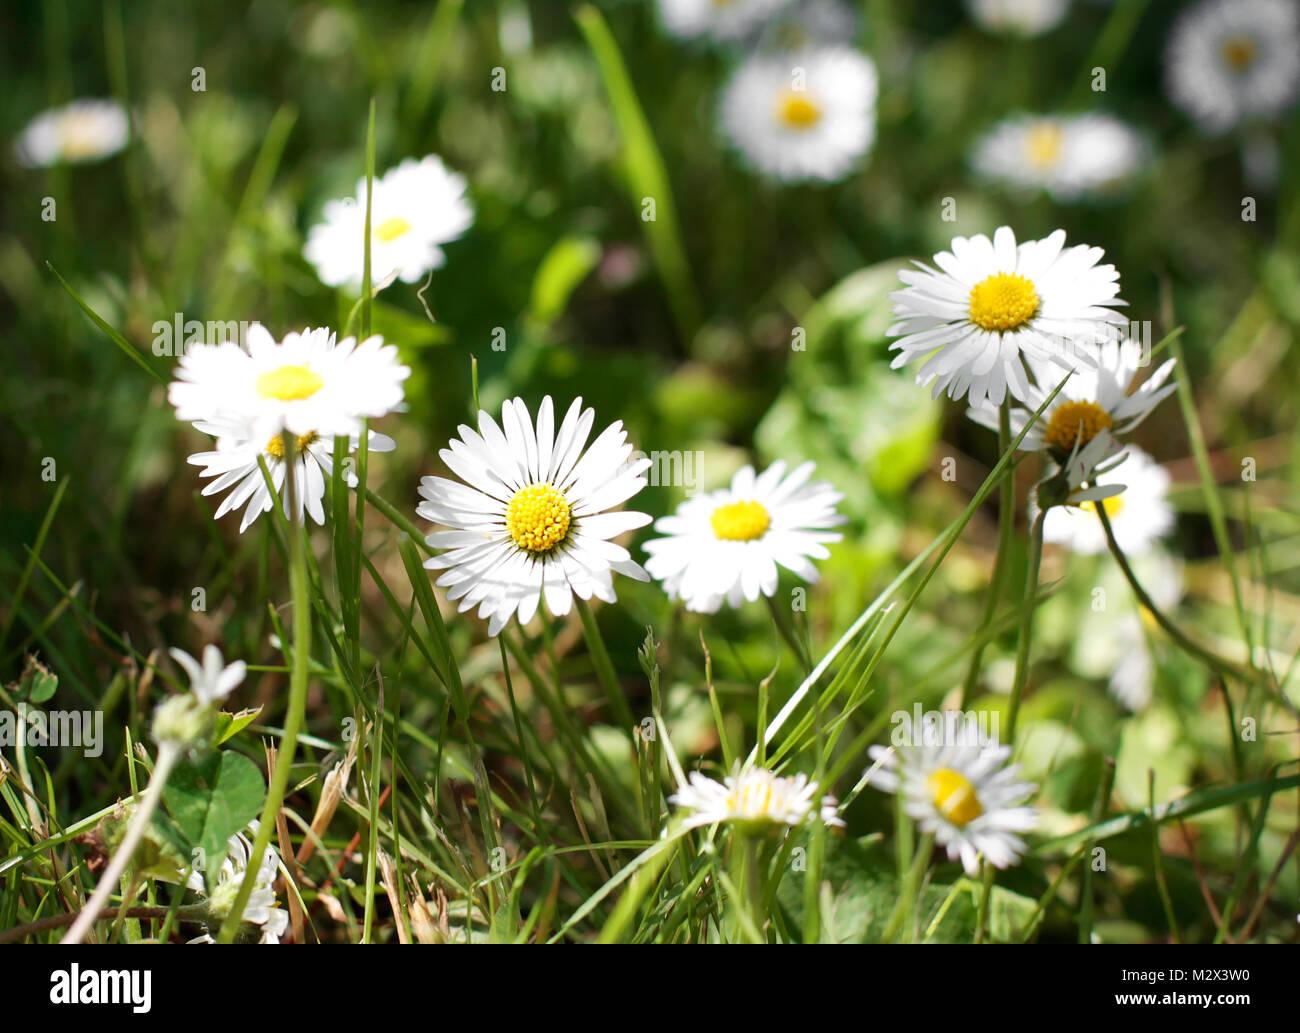 Field of daisy flowers in spring in an unkempt garden stock photo field of daisy flowers in spring in an unkempt garden izmirmasajfo